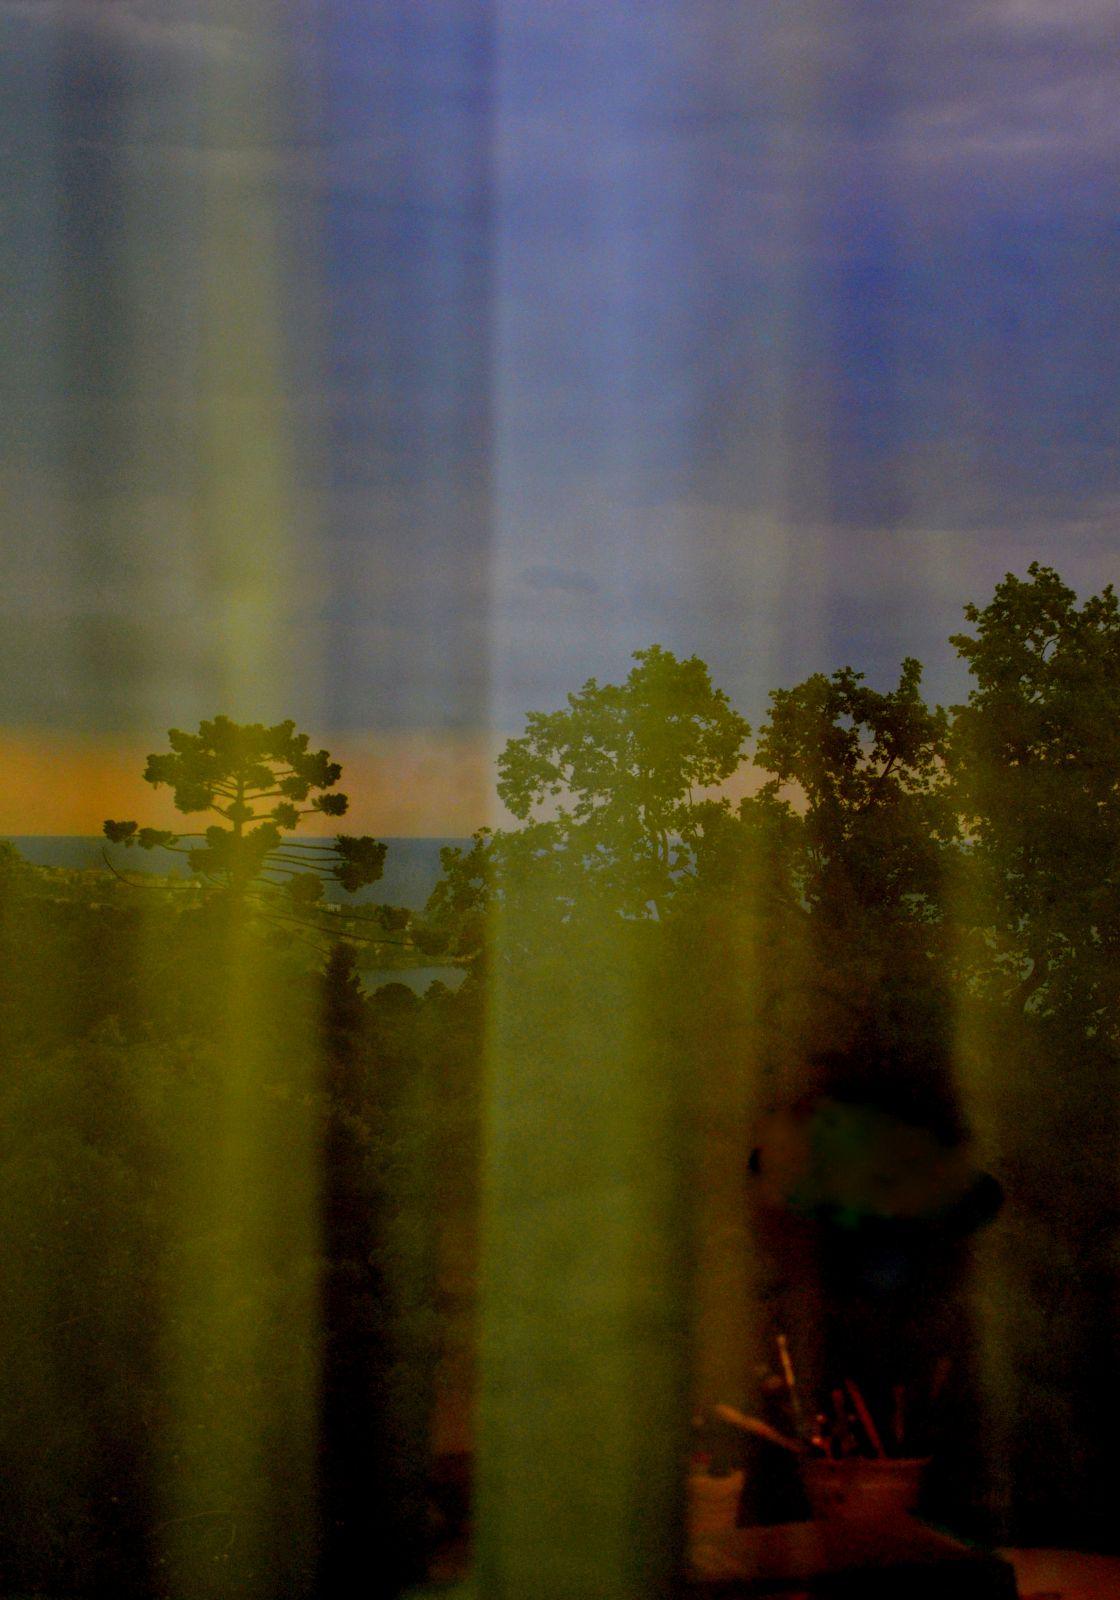 Cose di natura, Nature's Matters #17, Tramonto/Sunset, 2011